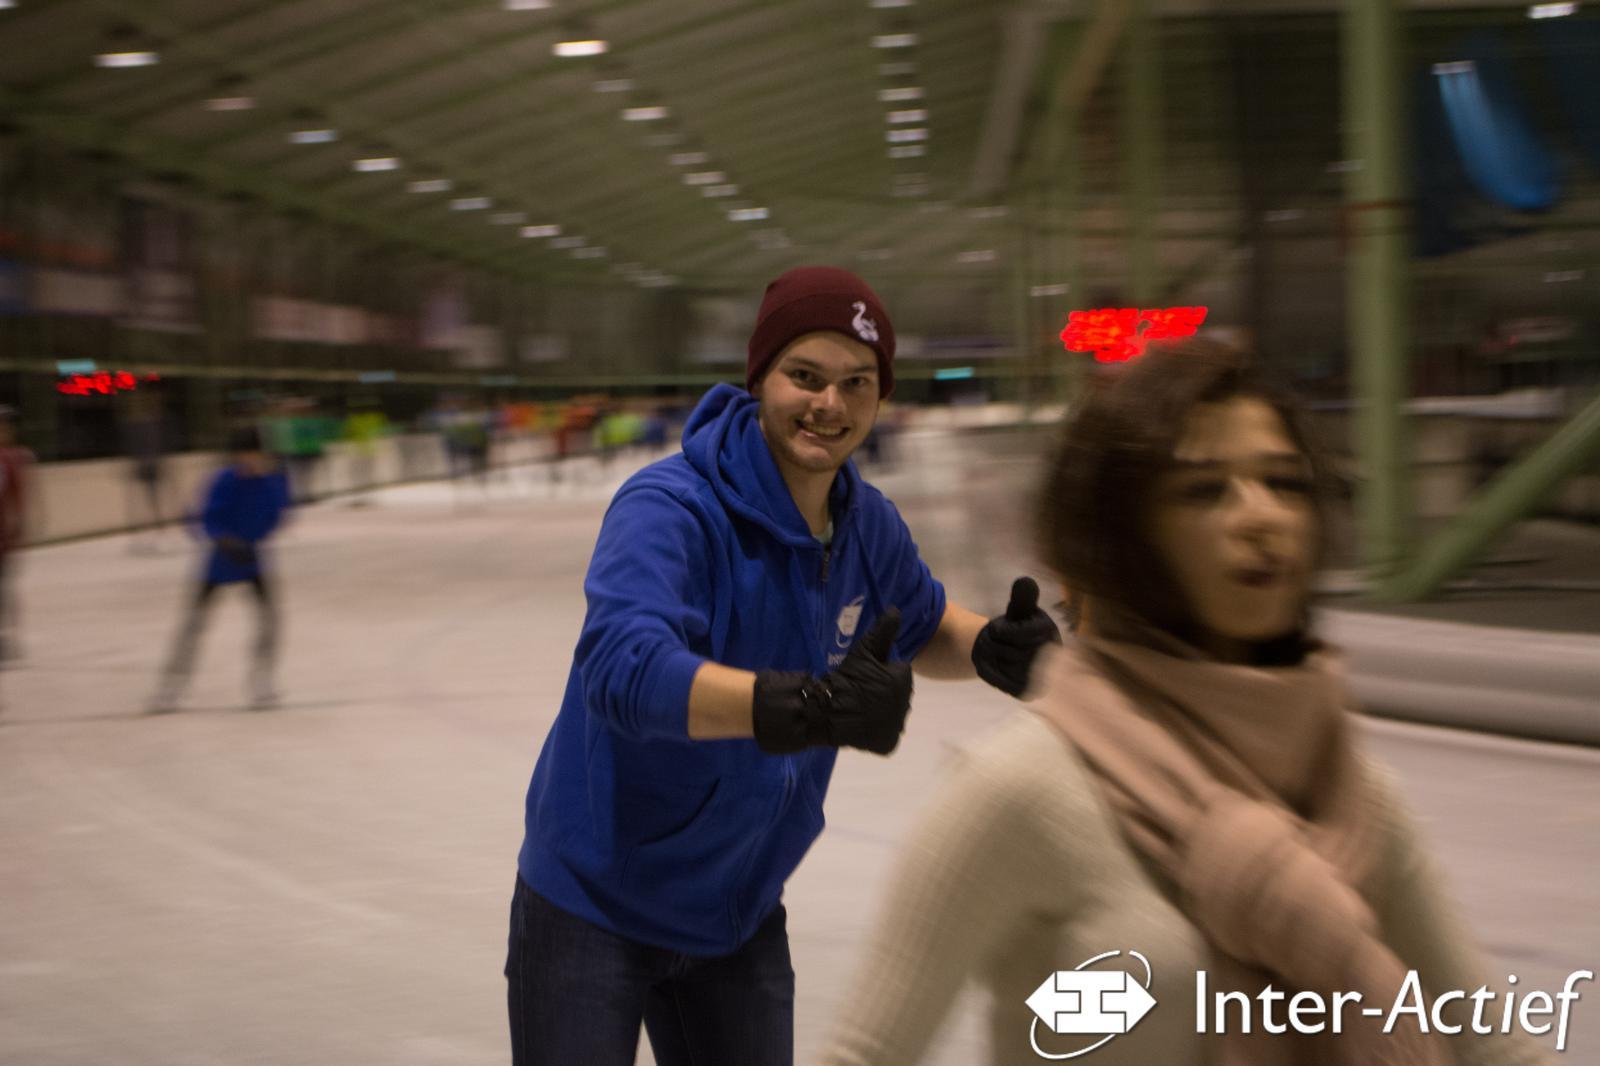 IceSkating20200116_NielsdeGroot-27.jpg